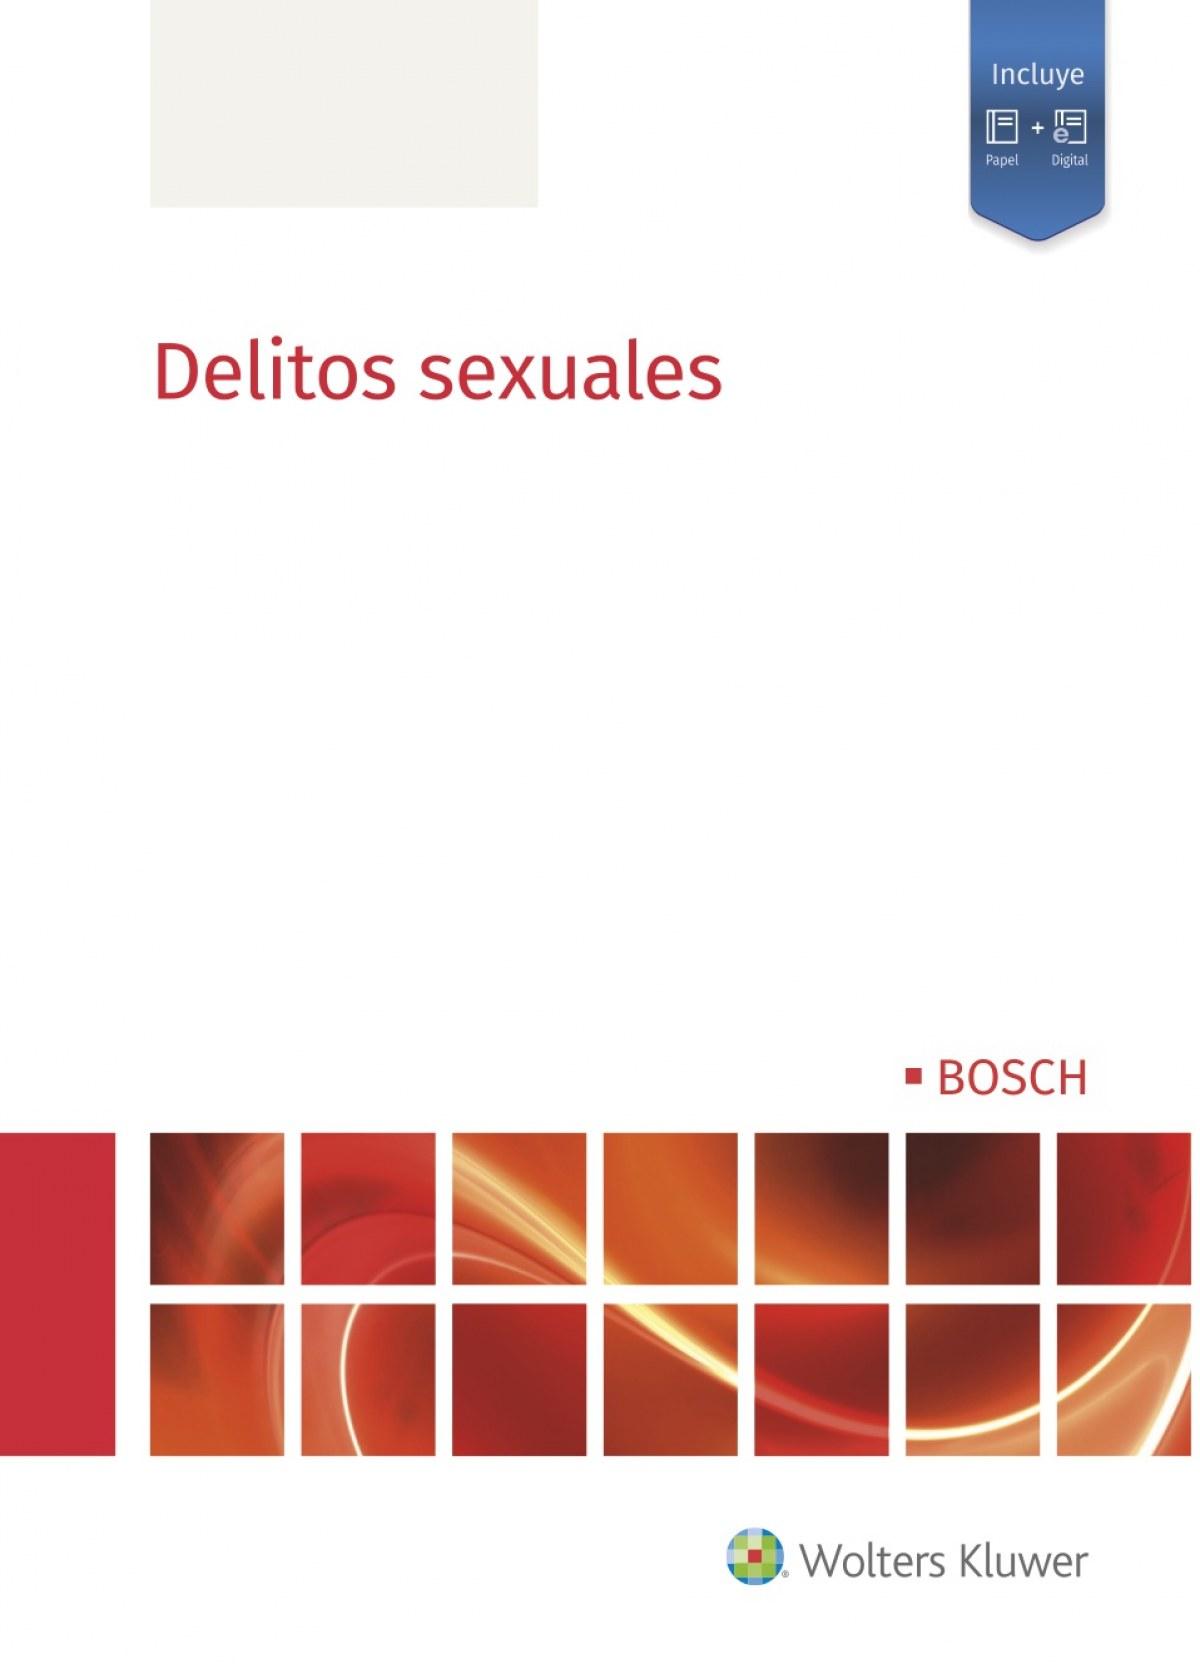 Delitos sexuales